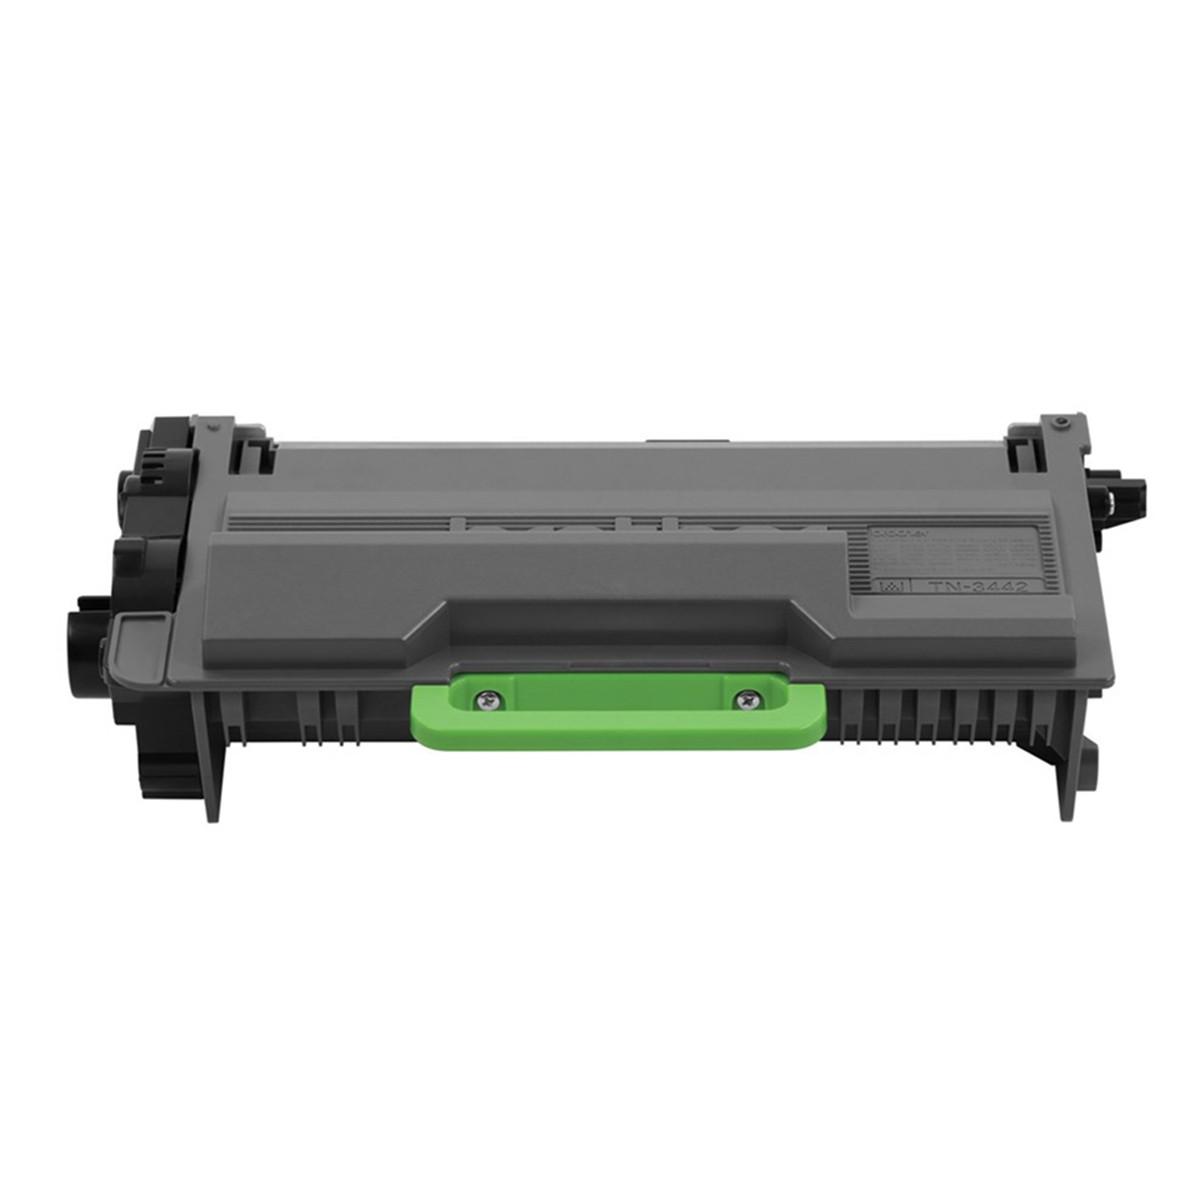 Toner Compatível com Brother TN3492 TN890 | MFC-L6902DW HL-L6402DW MFCL-6902 HLL-6402 Importado 20k